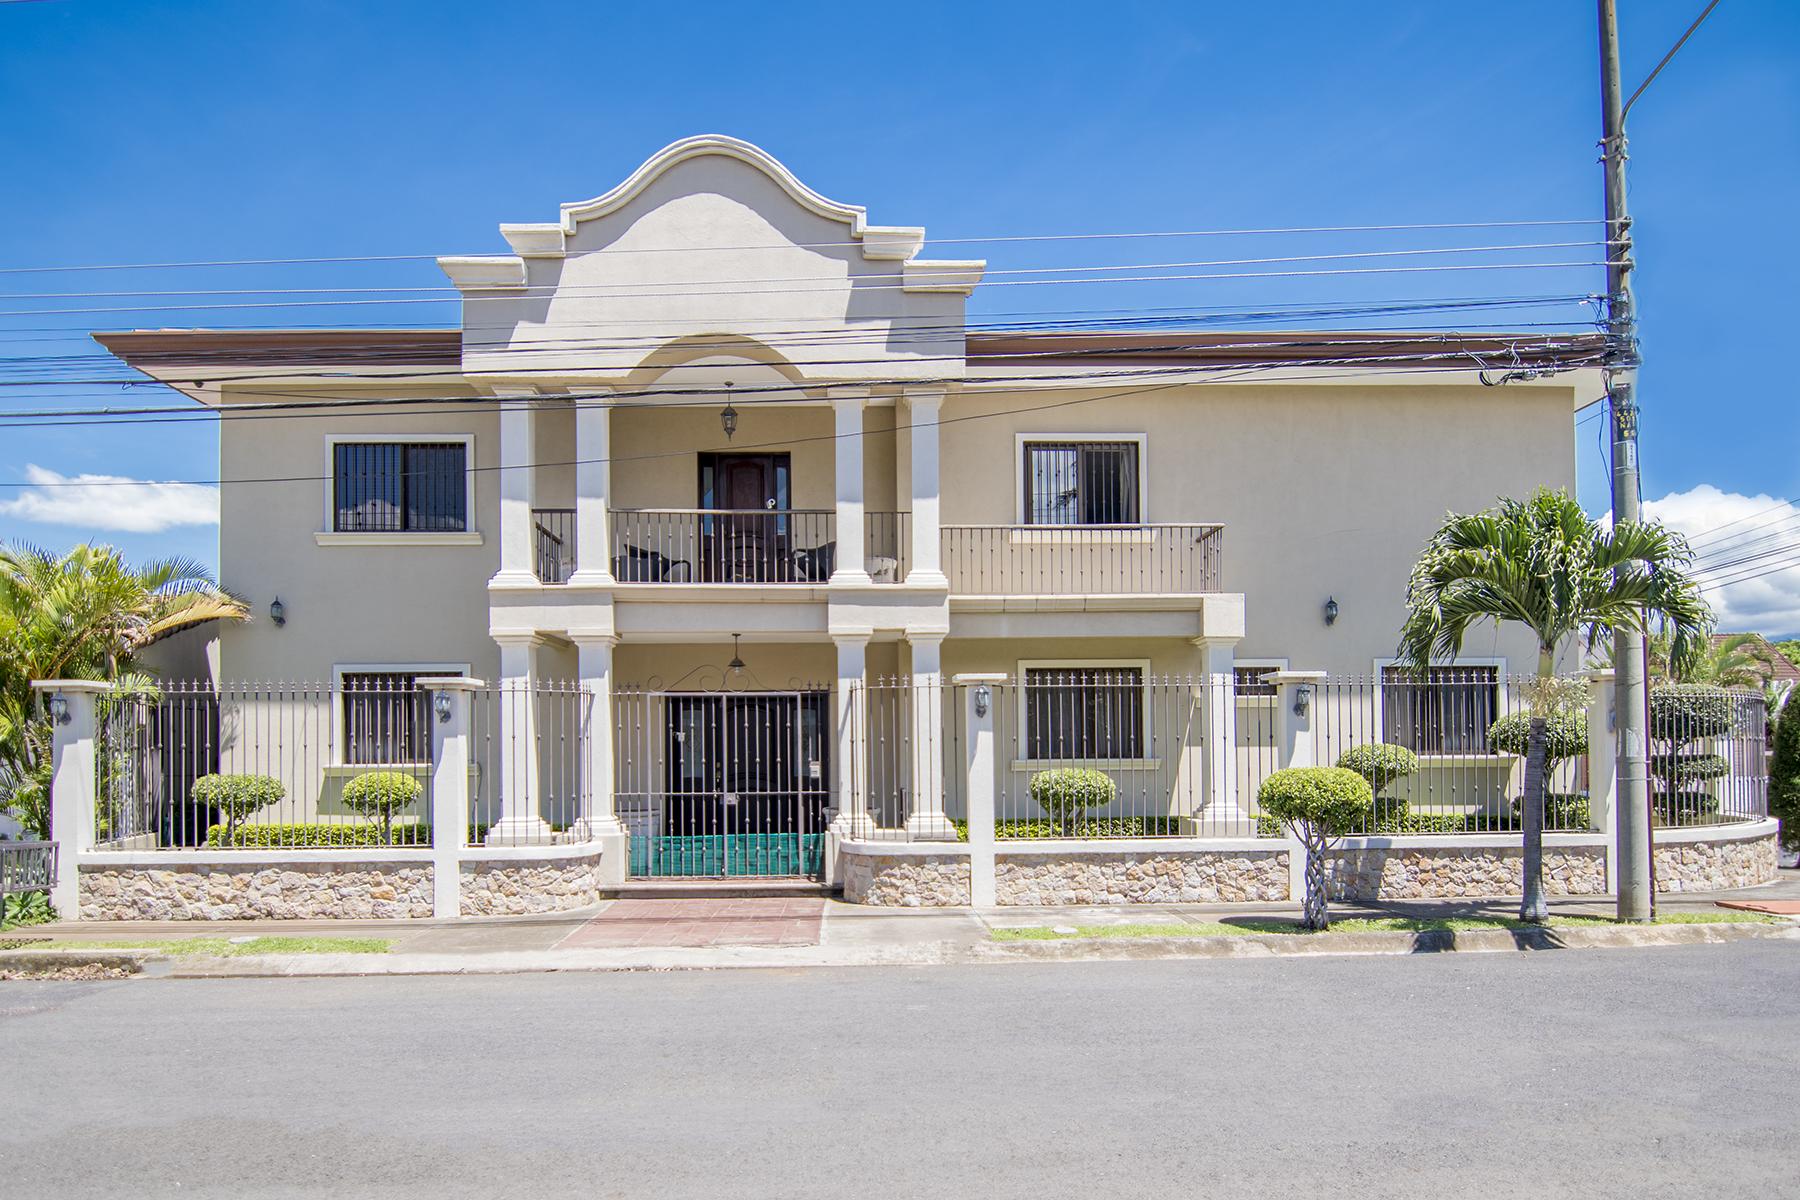 Multi-Family Homes for Sale at Casa Cintas Bosques de Doña Rosa Belen, Heredia 100000 Costa Rica